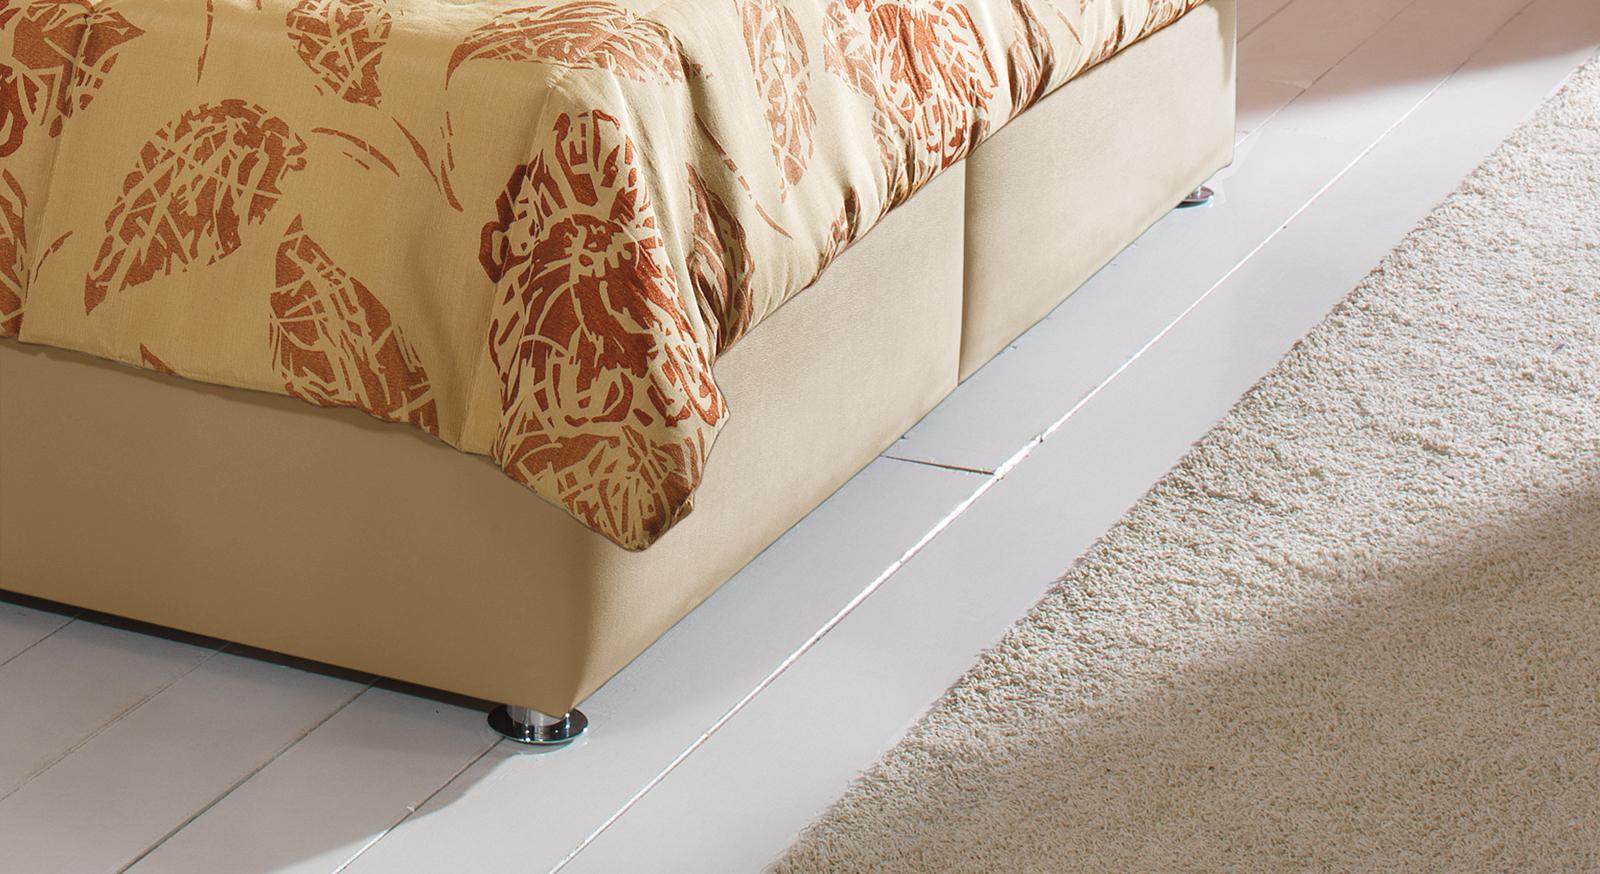 Bett Toskana verchromte Metallfüße Bettbeine fester Stand